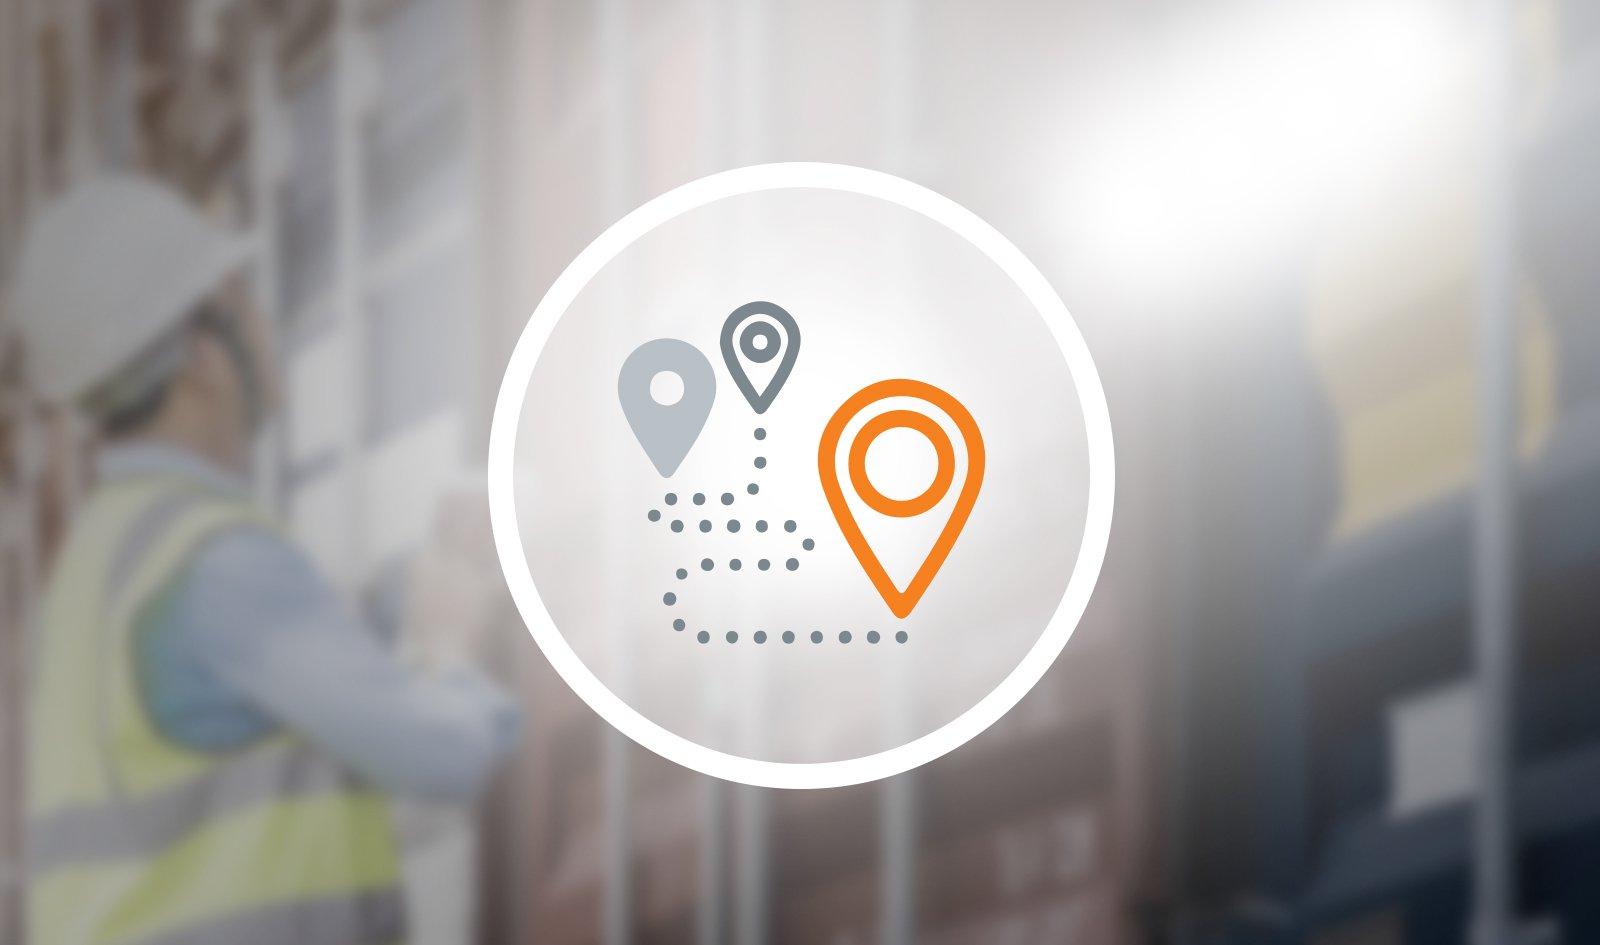 Fleet IoT optimize travel routes